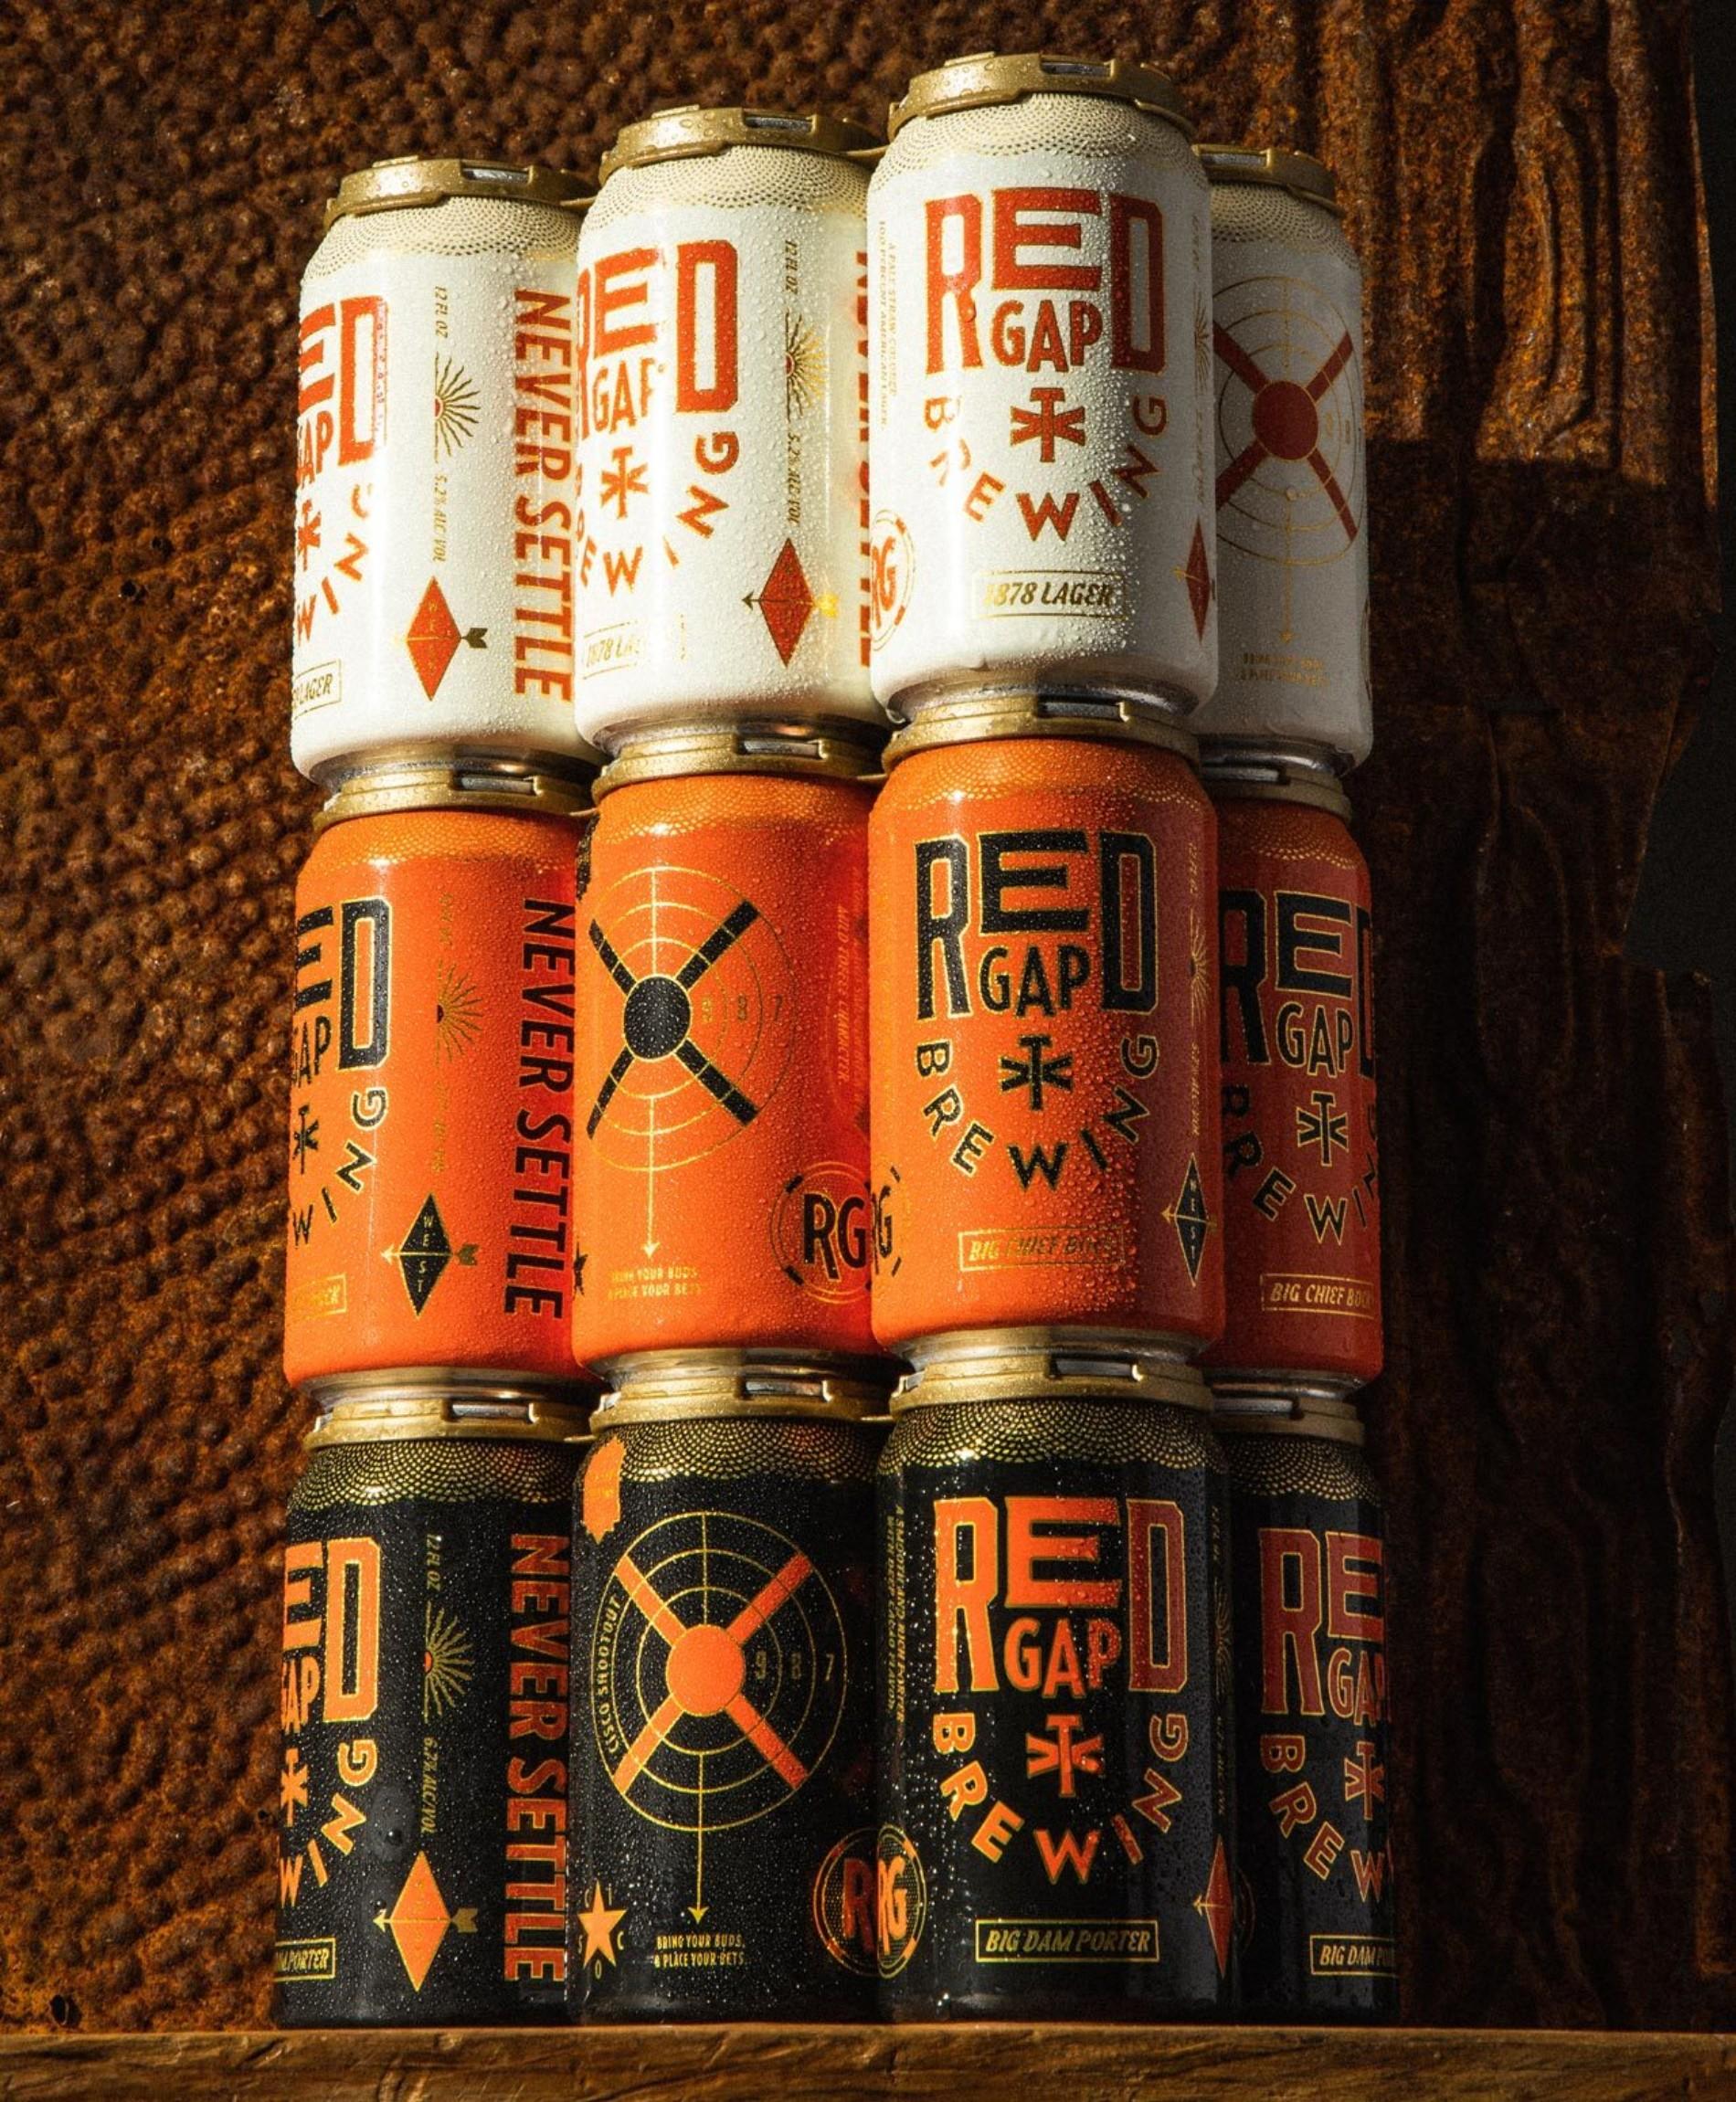 Texas-Beer-Can-Packaging-Design-Branding-Red-Gap-Brewing-1280x1550-19.jpg